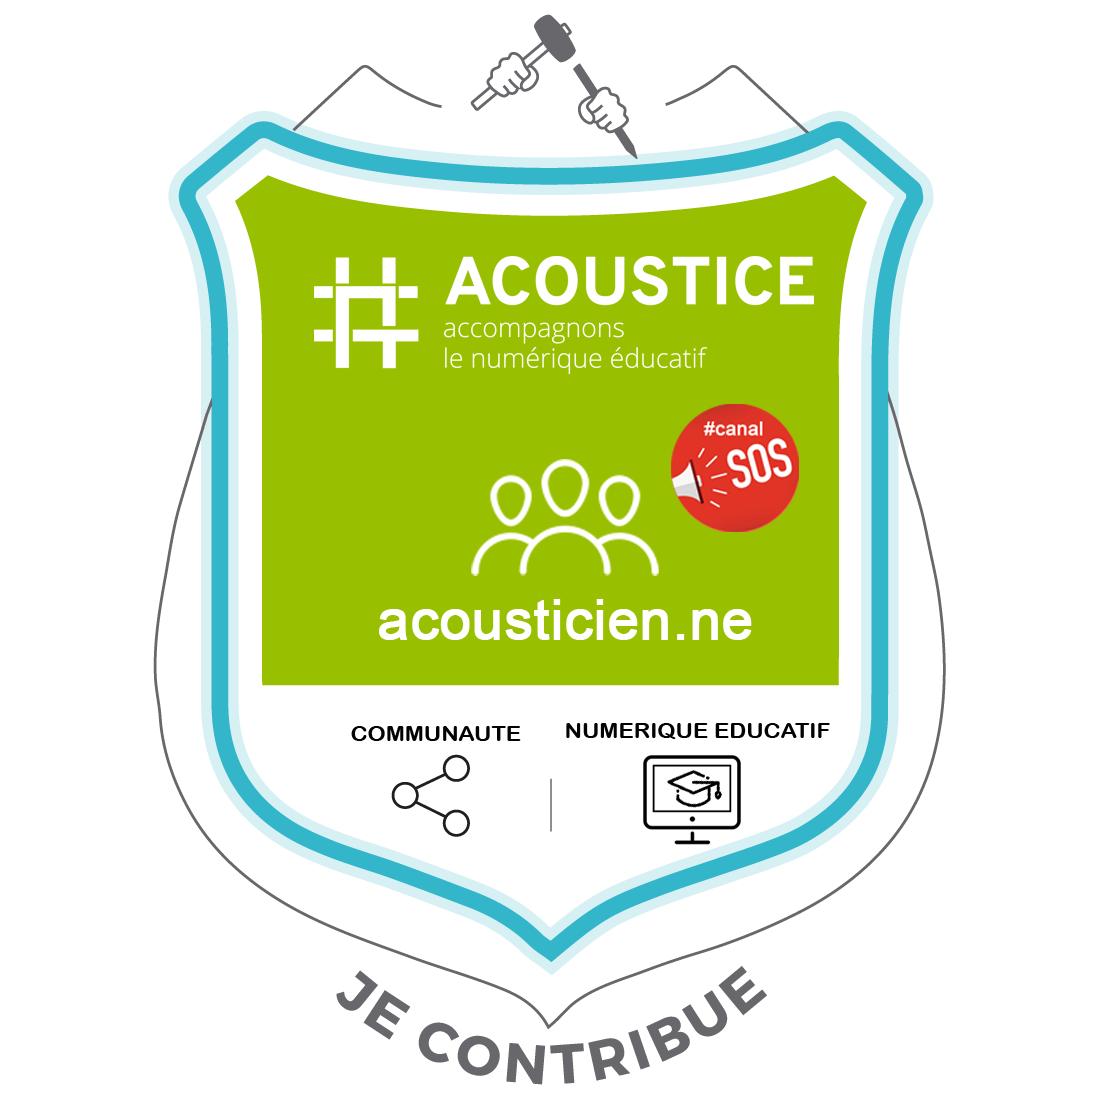 Je contribue au dispositif acoustice